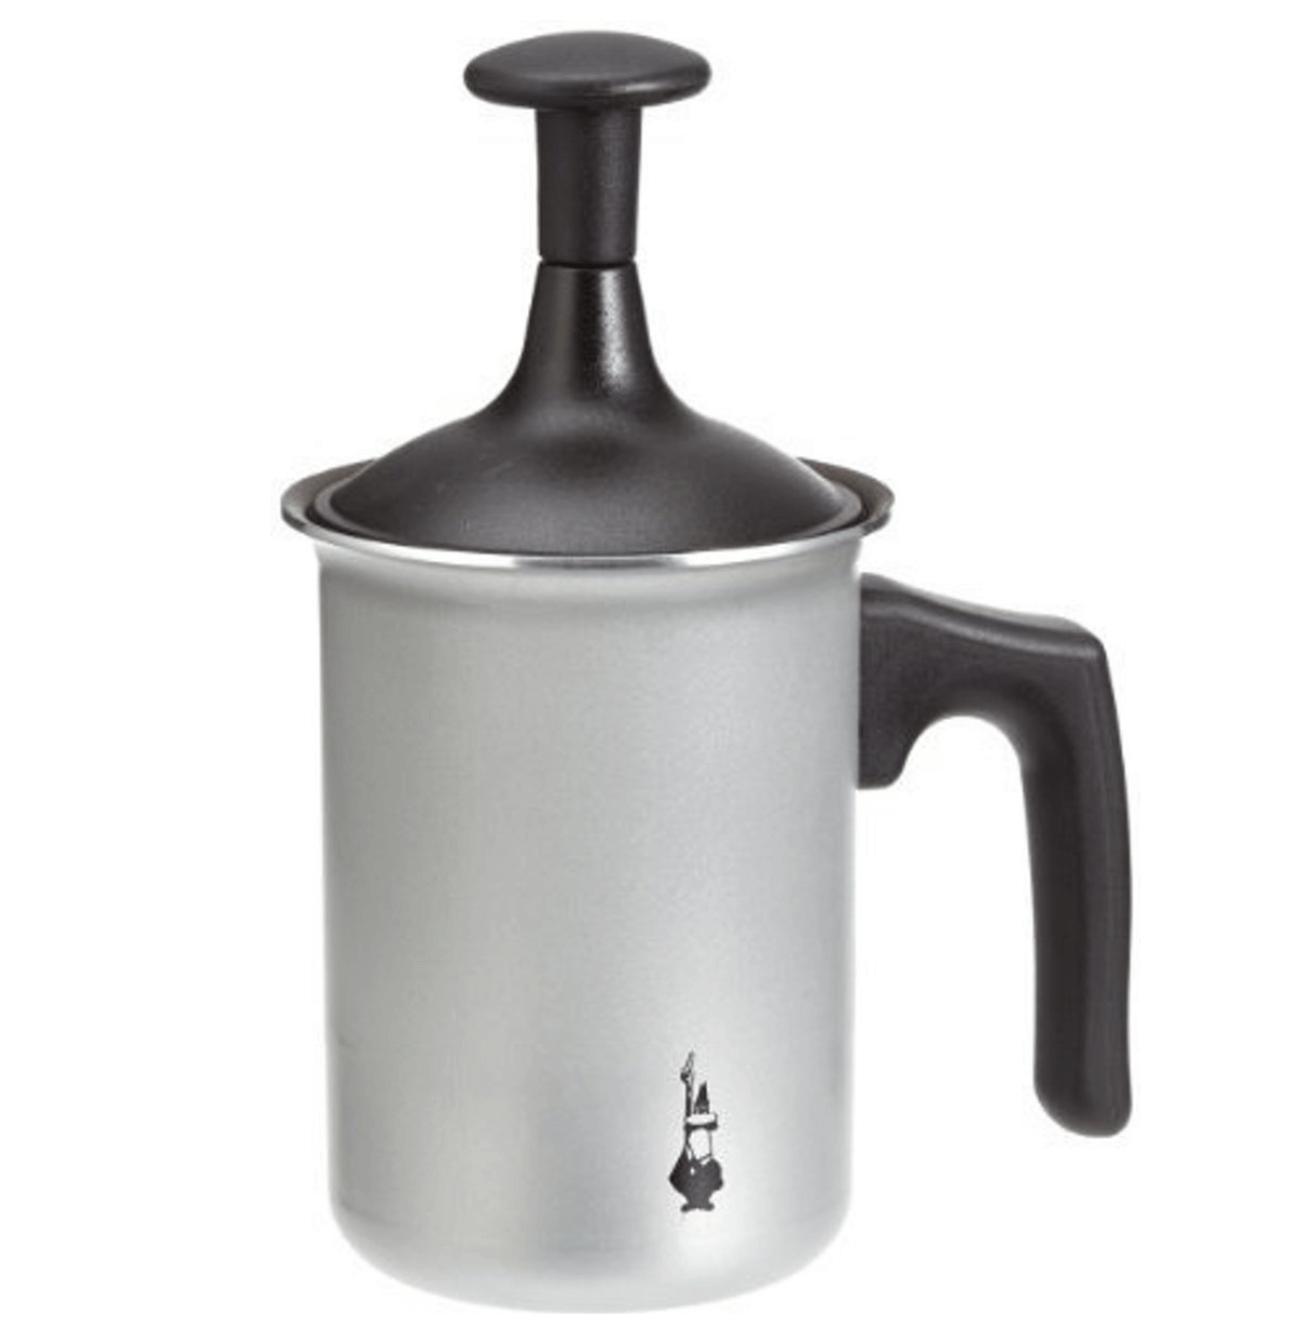 Bialetti Melkopschuimer 3 Cups